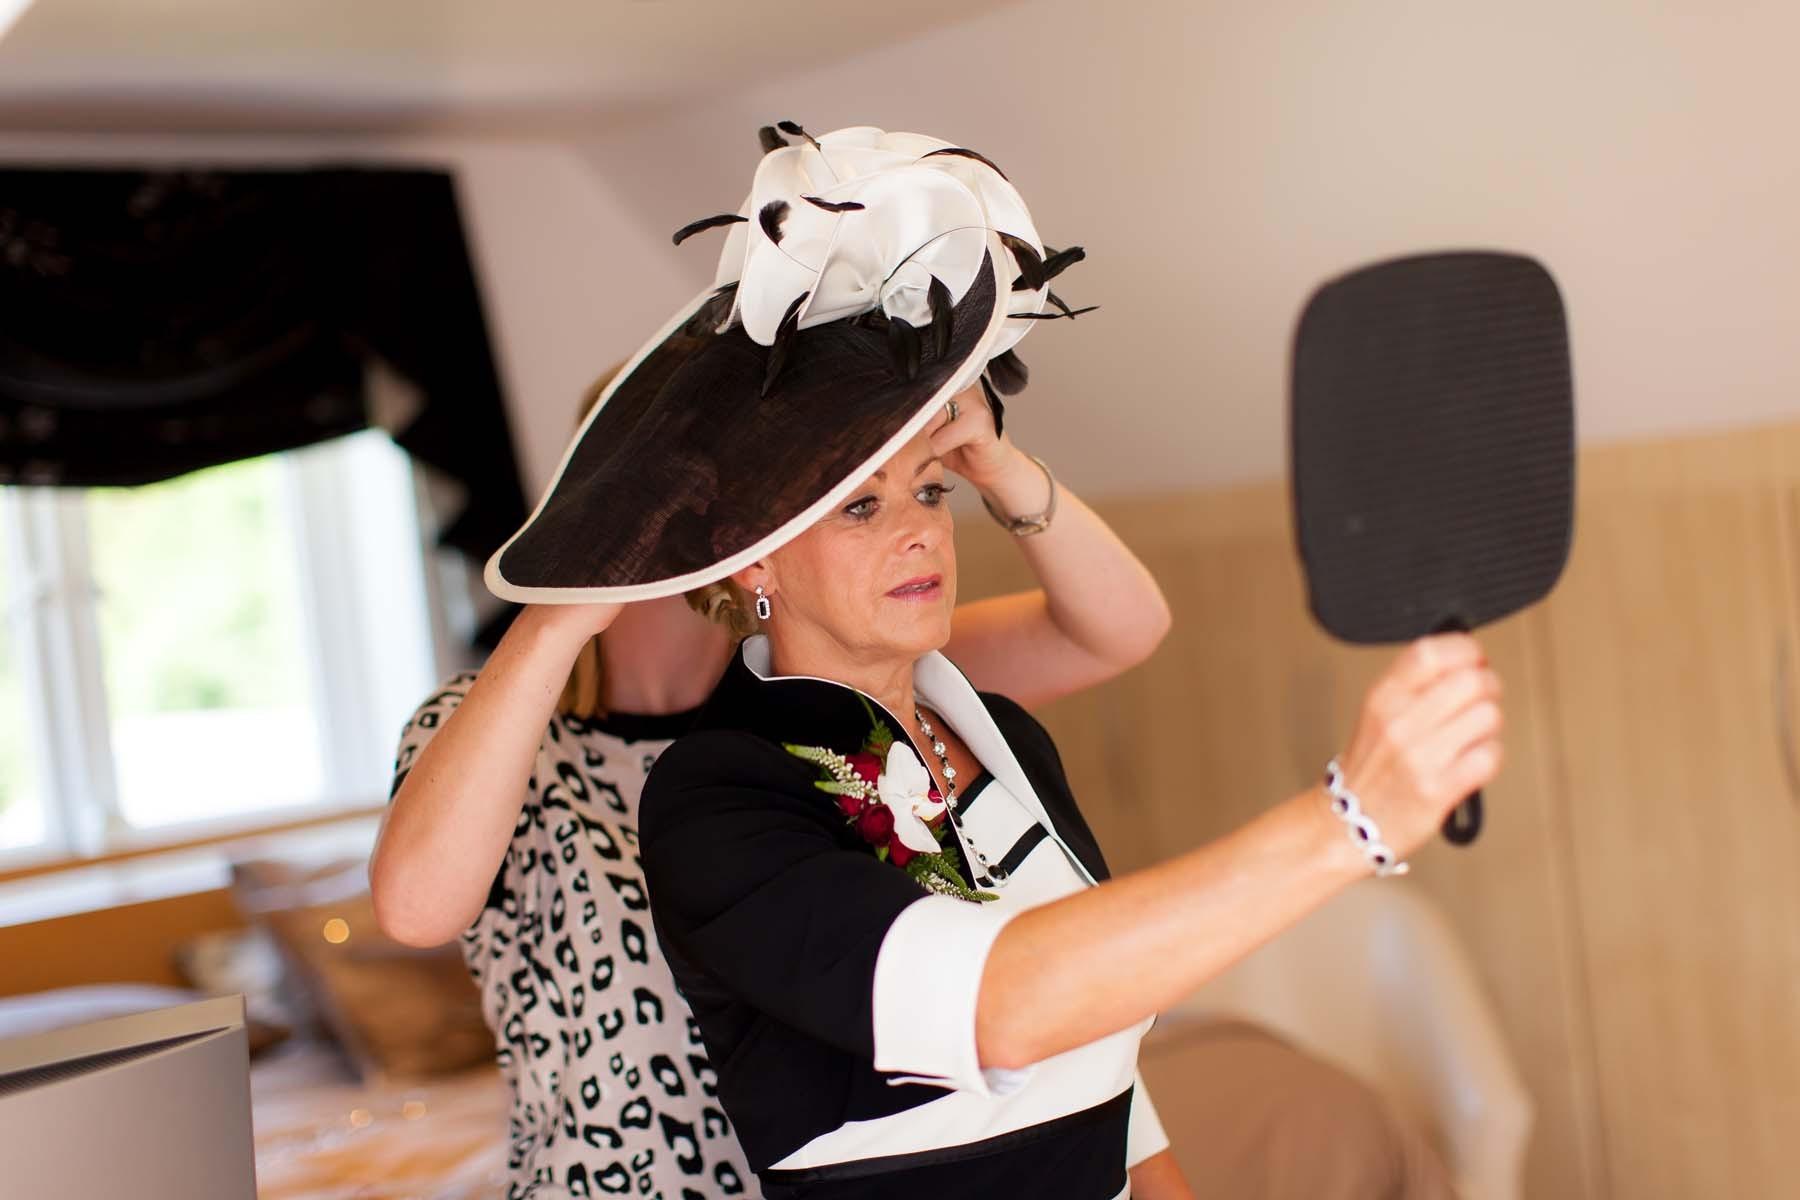 Sussex & Surrey Wedding Photographer - Preparation (18)